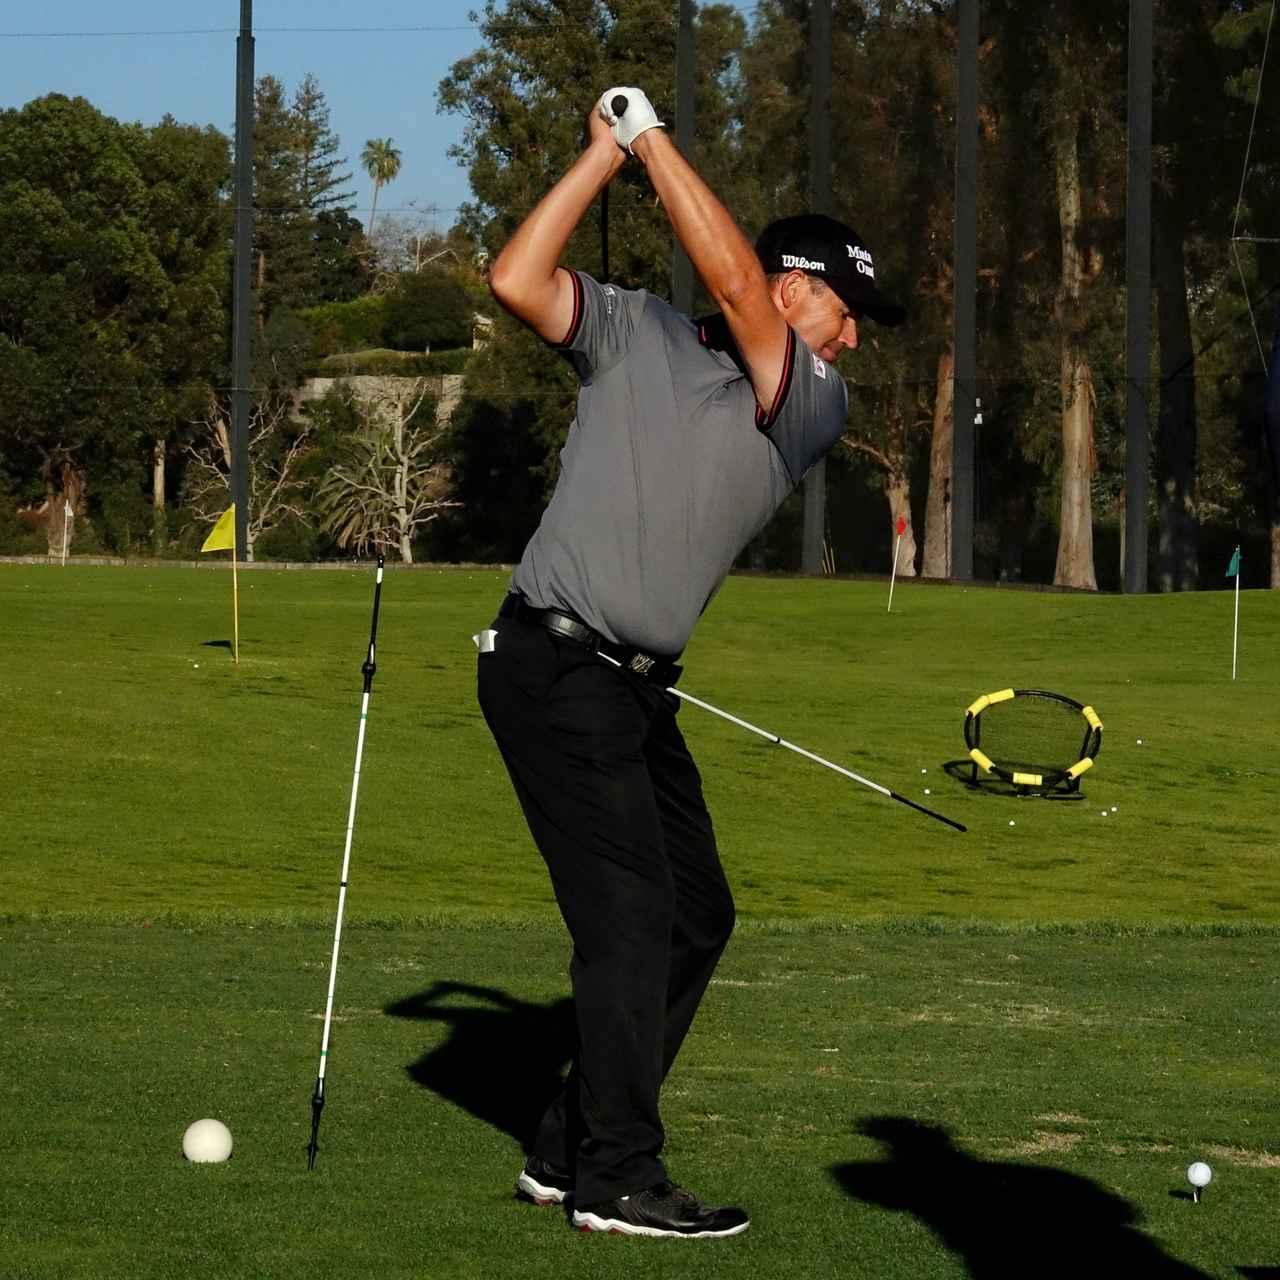 画像: ①フォローサイドの左腰側に、自身の腰の高さに合わせた棒を立て、腰に差した棒を回し当てる